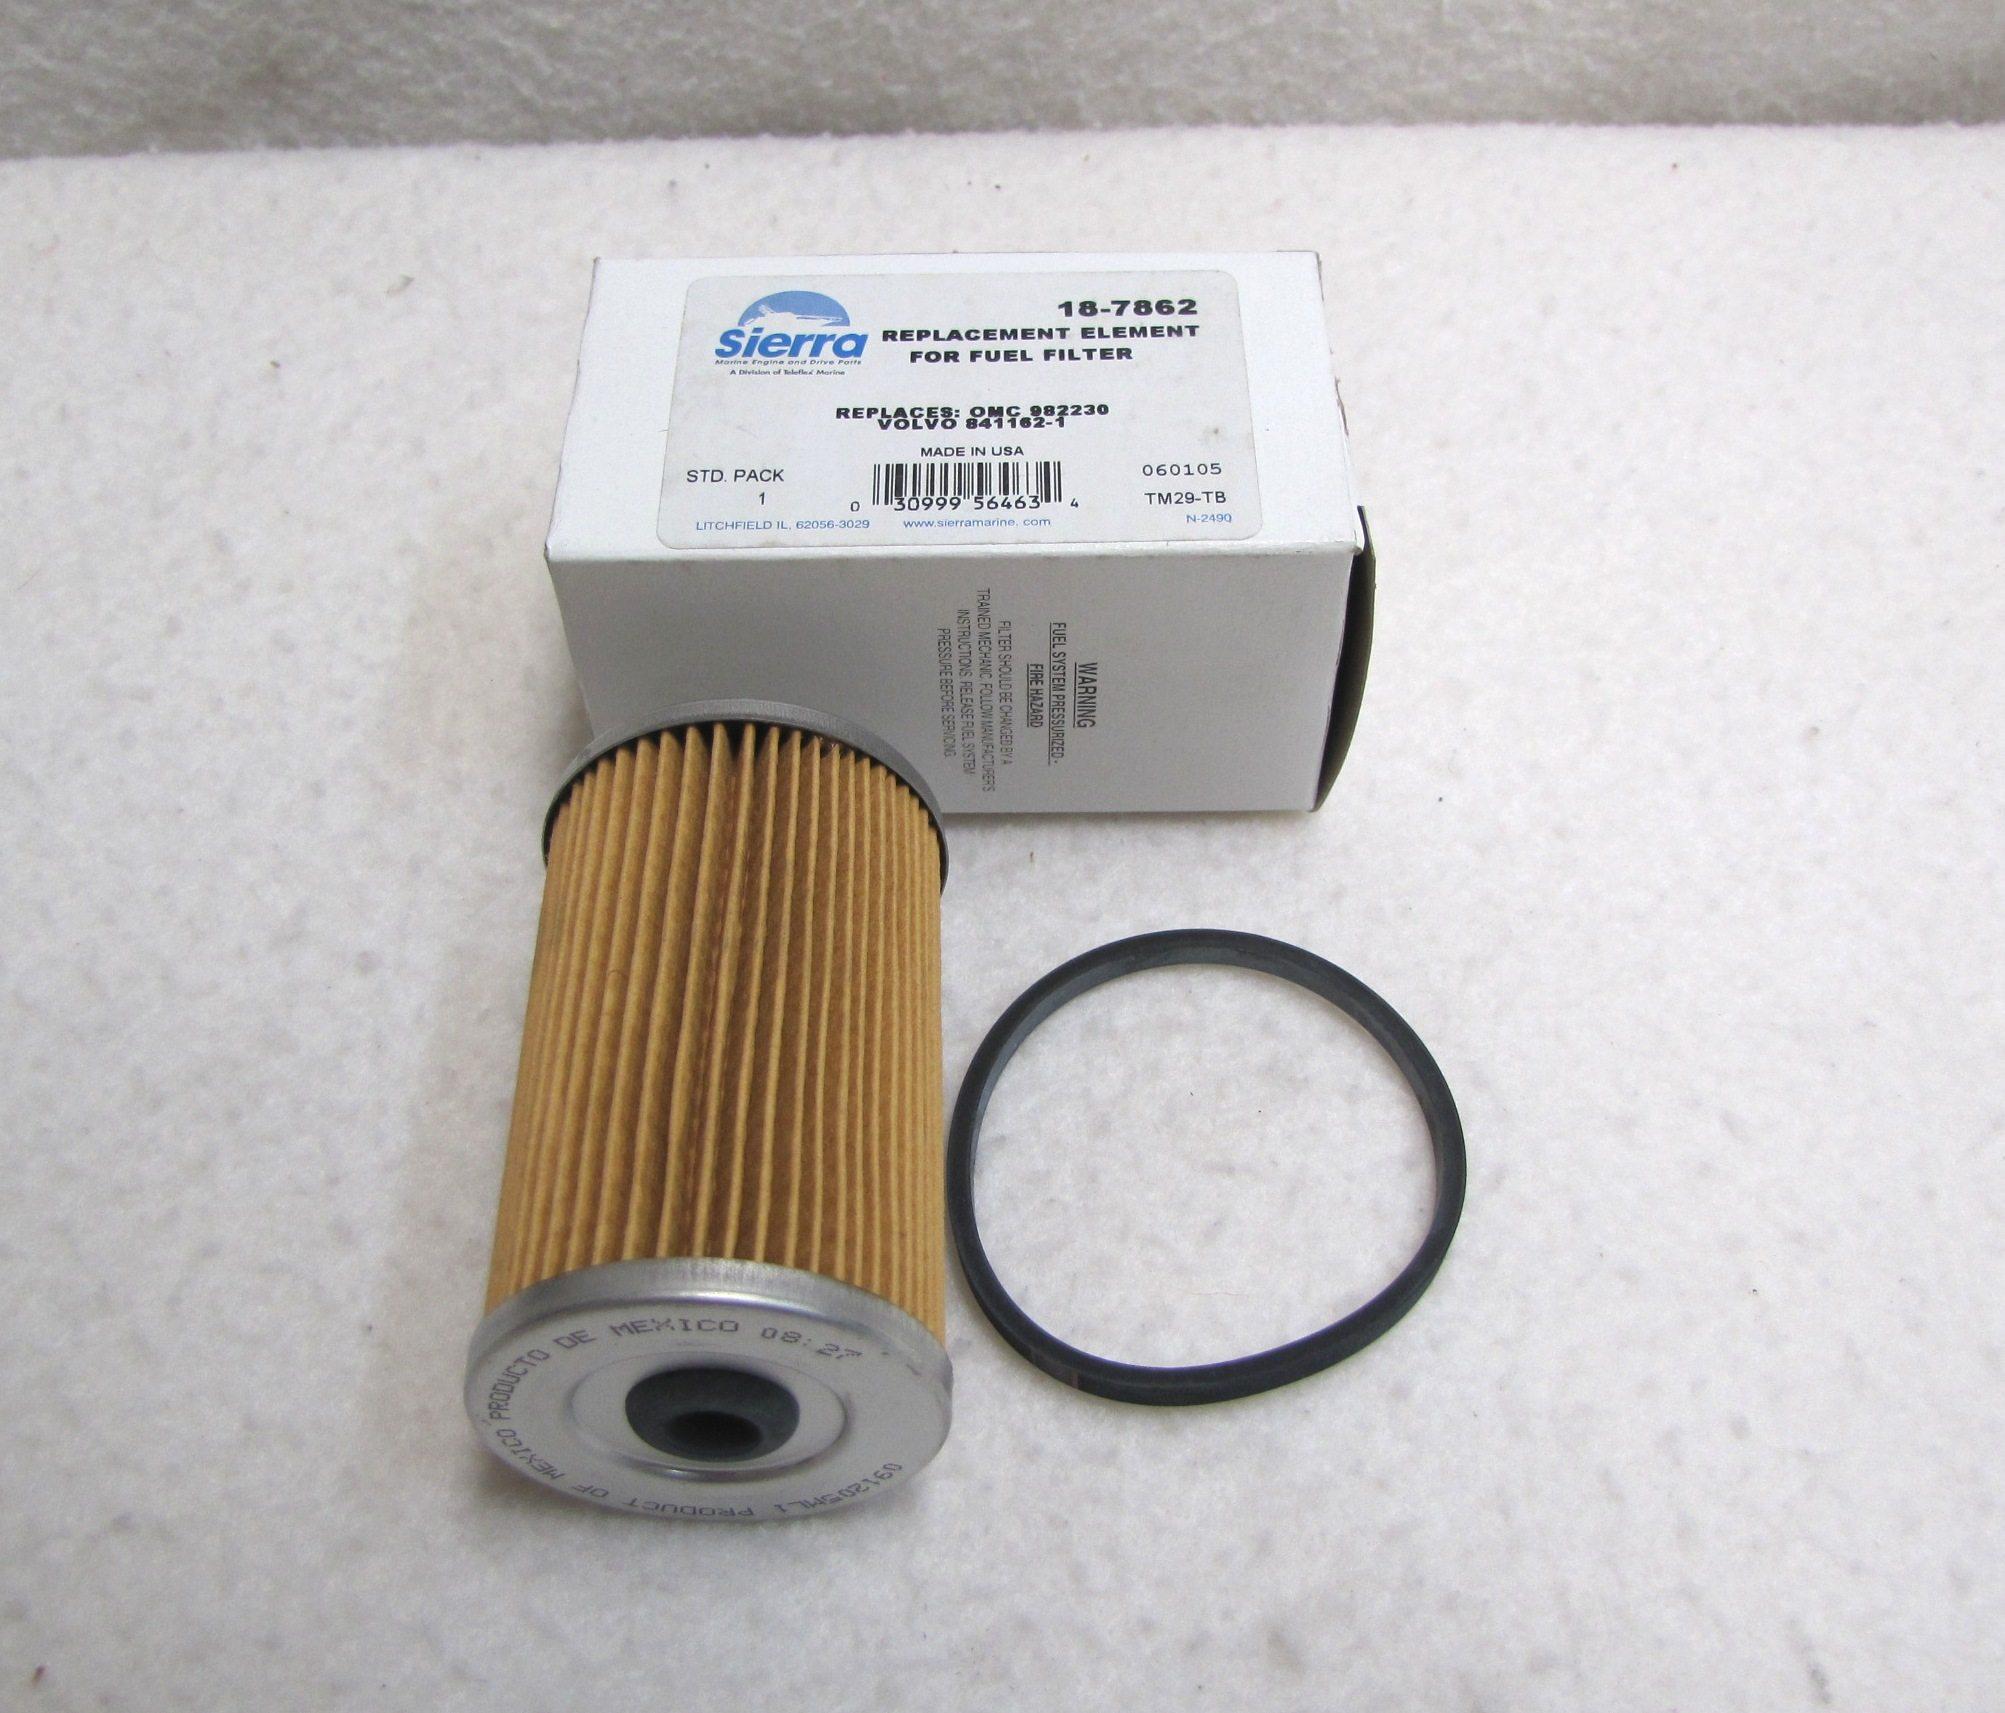 sierra marine 18-7862 omc fuel filter element 0982230